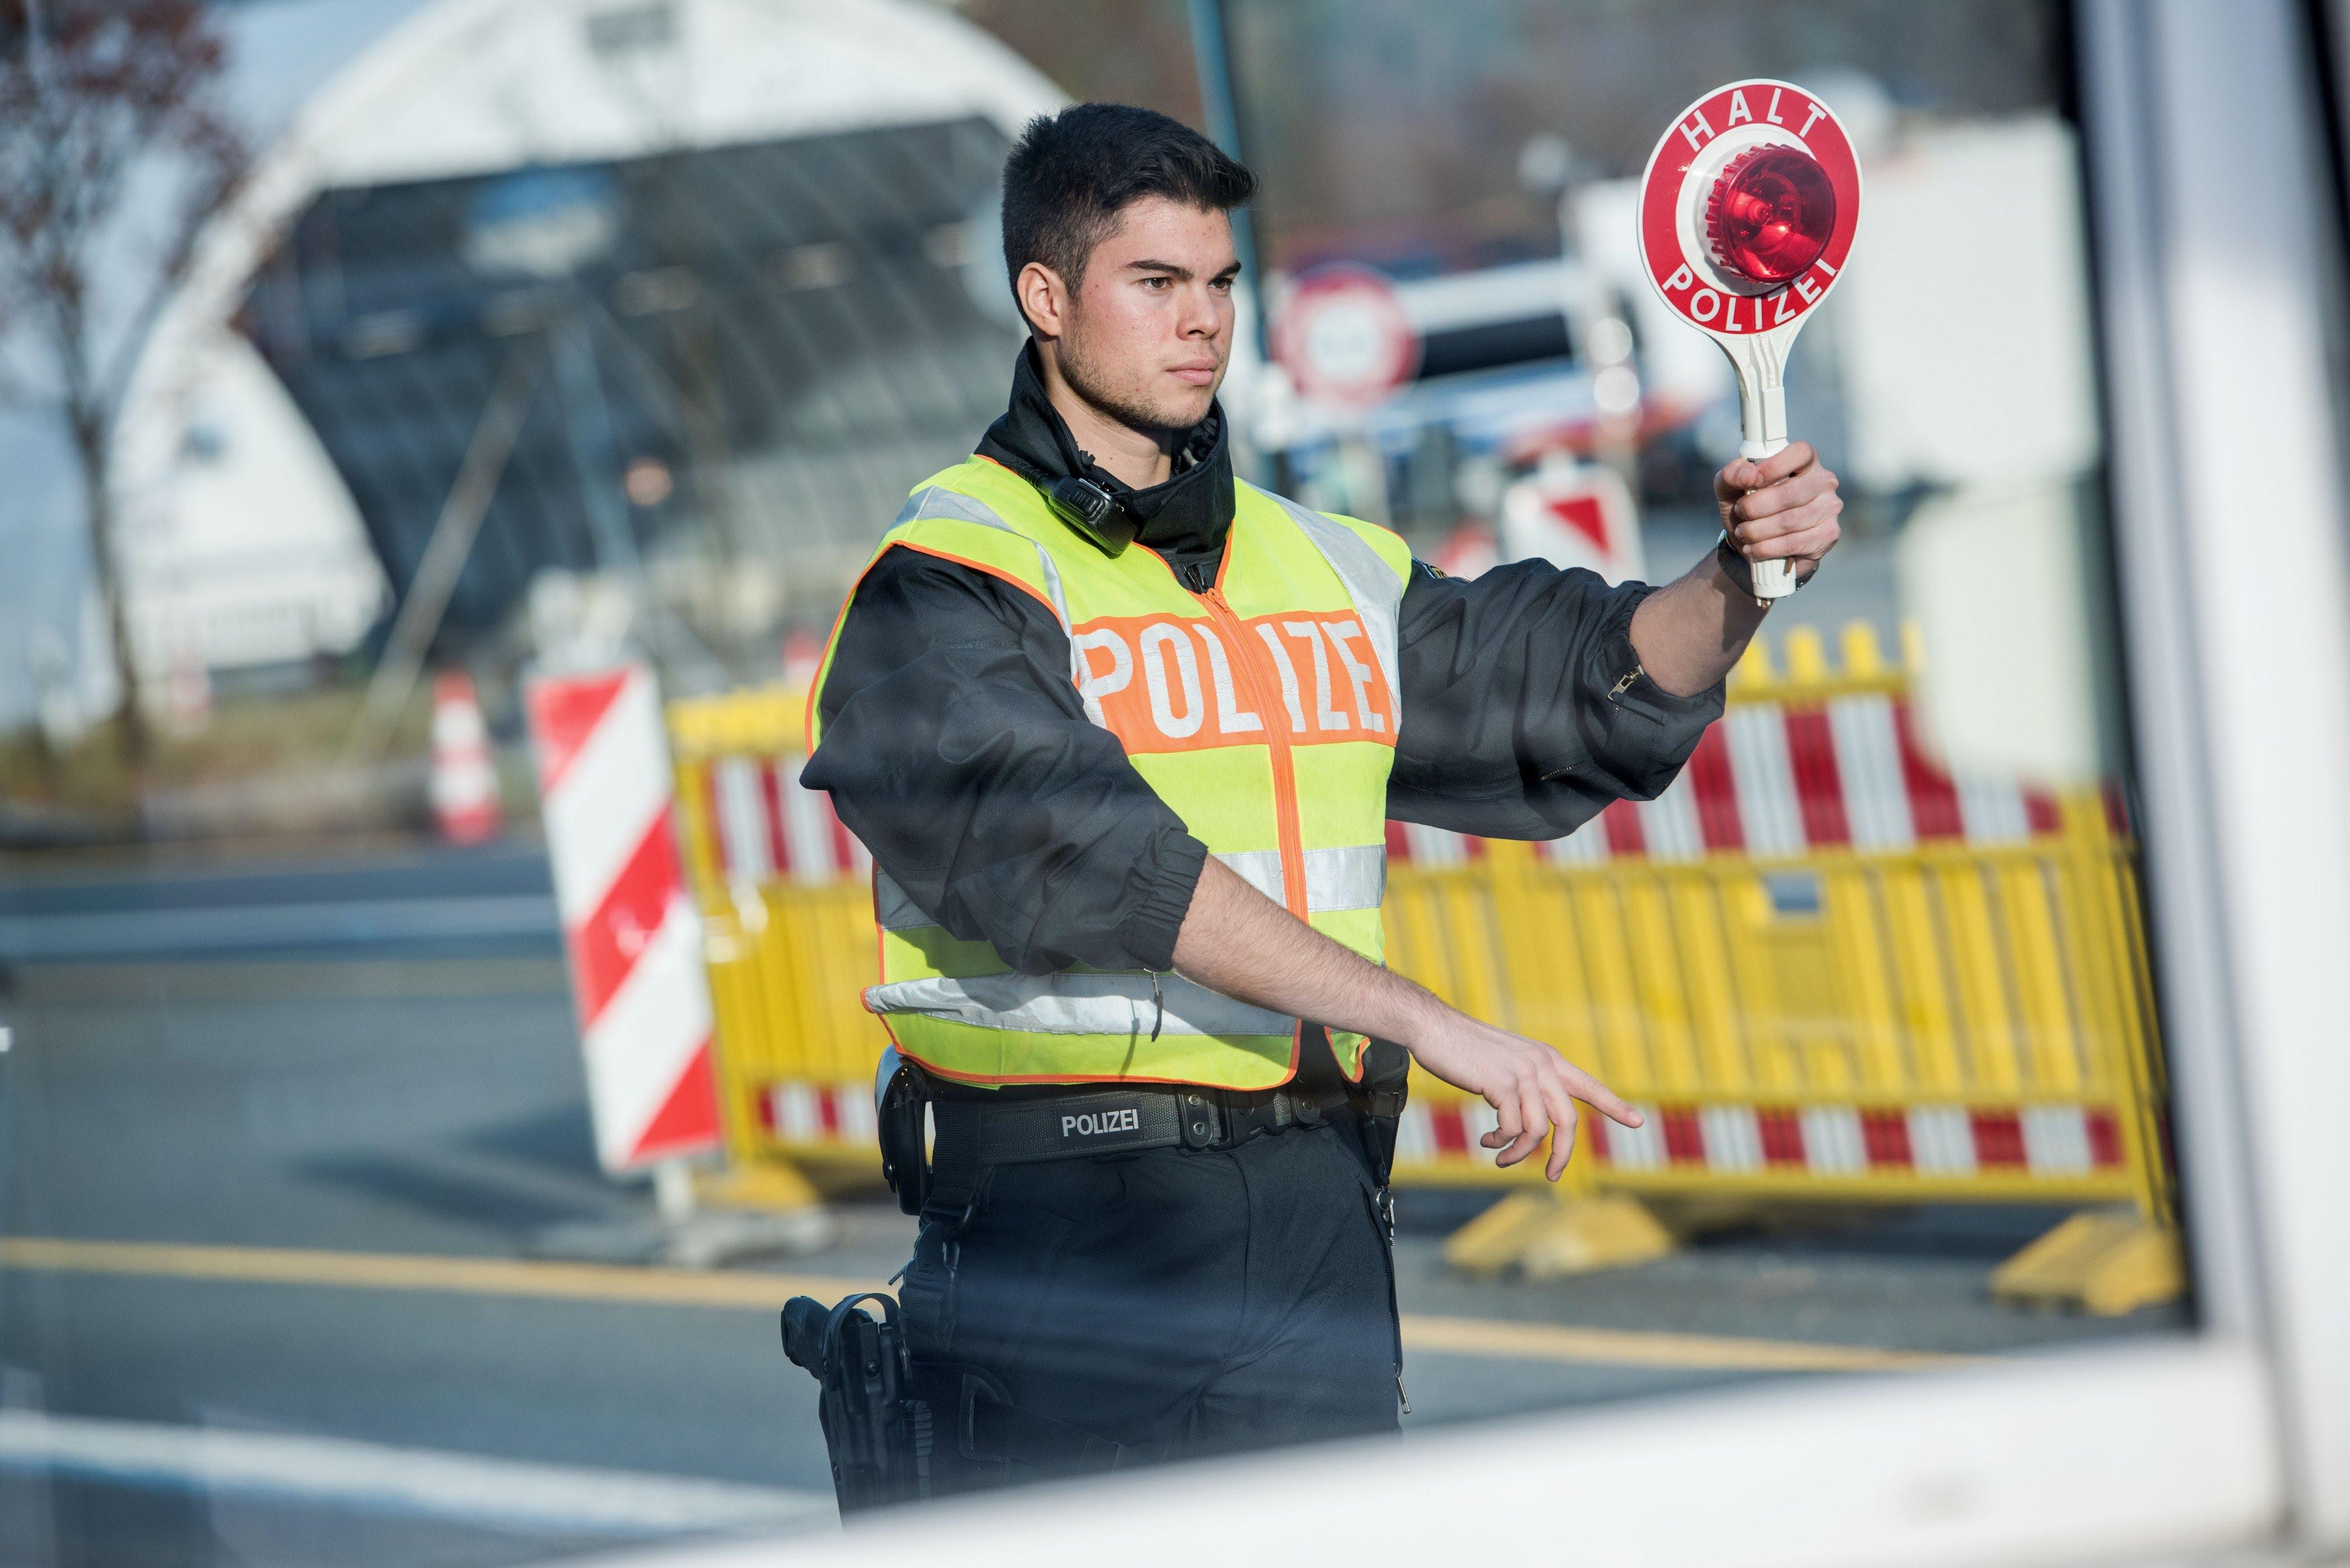 Bpol_Grenze_IMG_20180202_181259.jpg – Bundespolizei, Einstellungsberatung Bunde